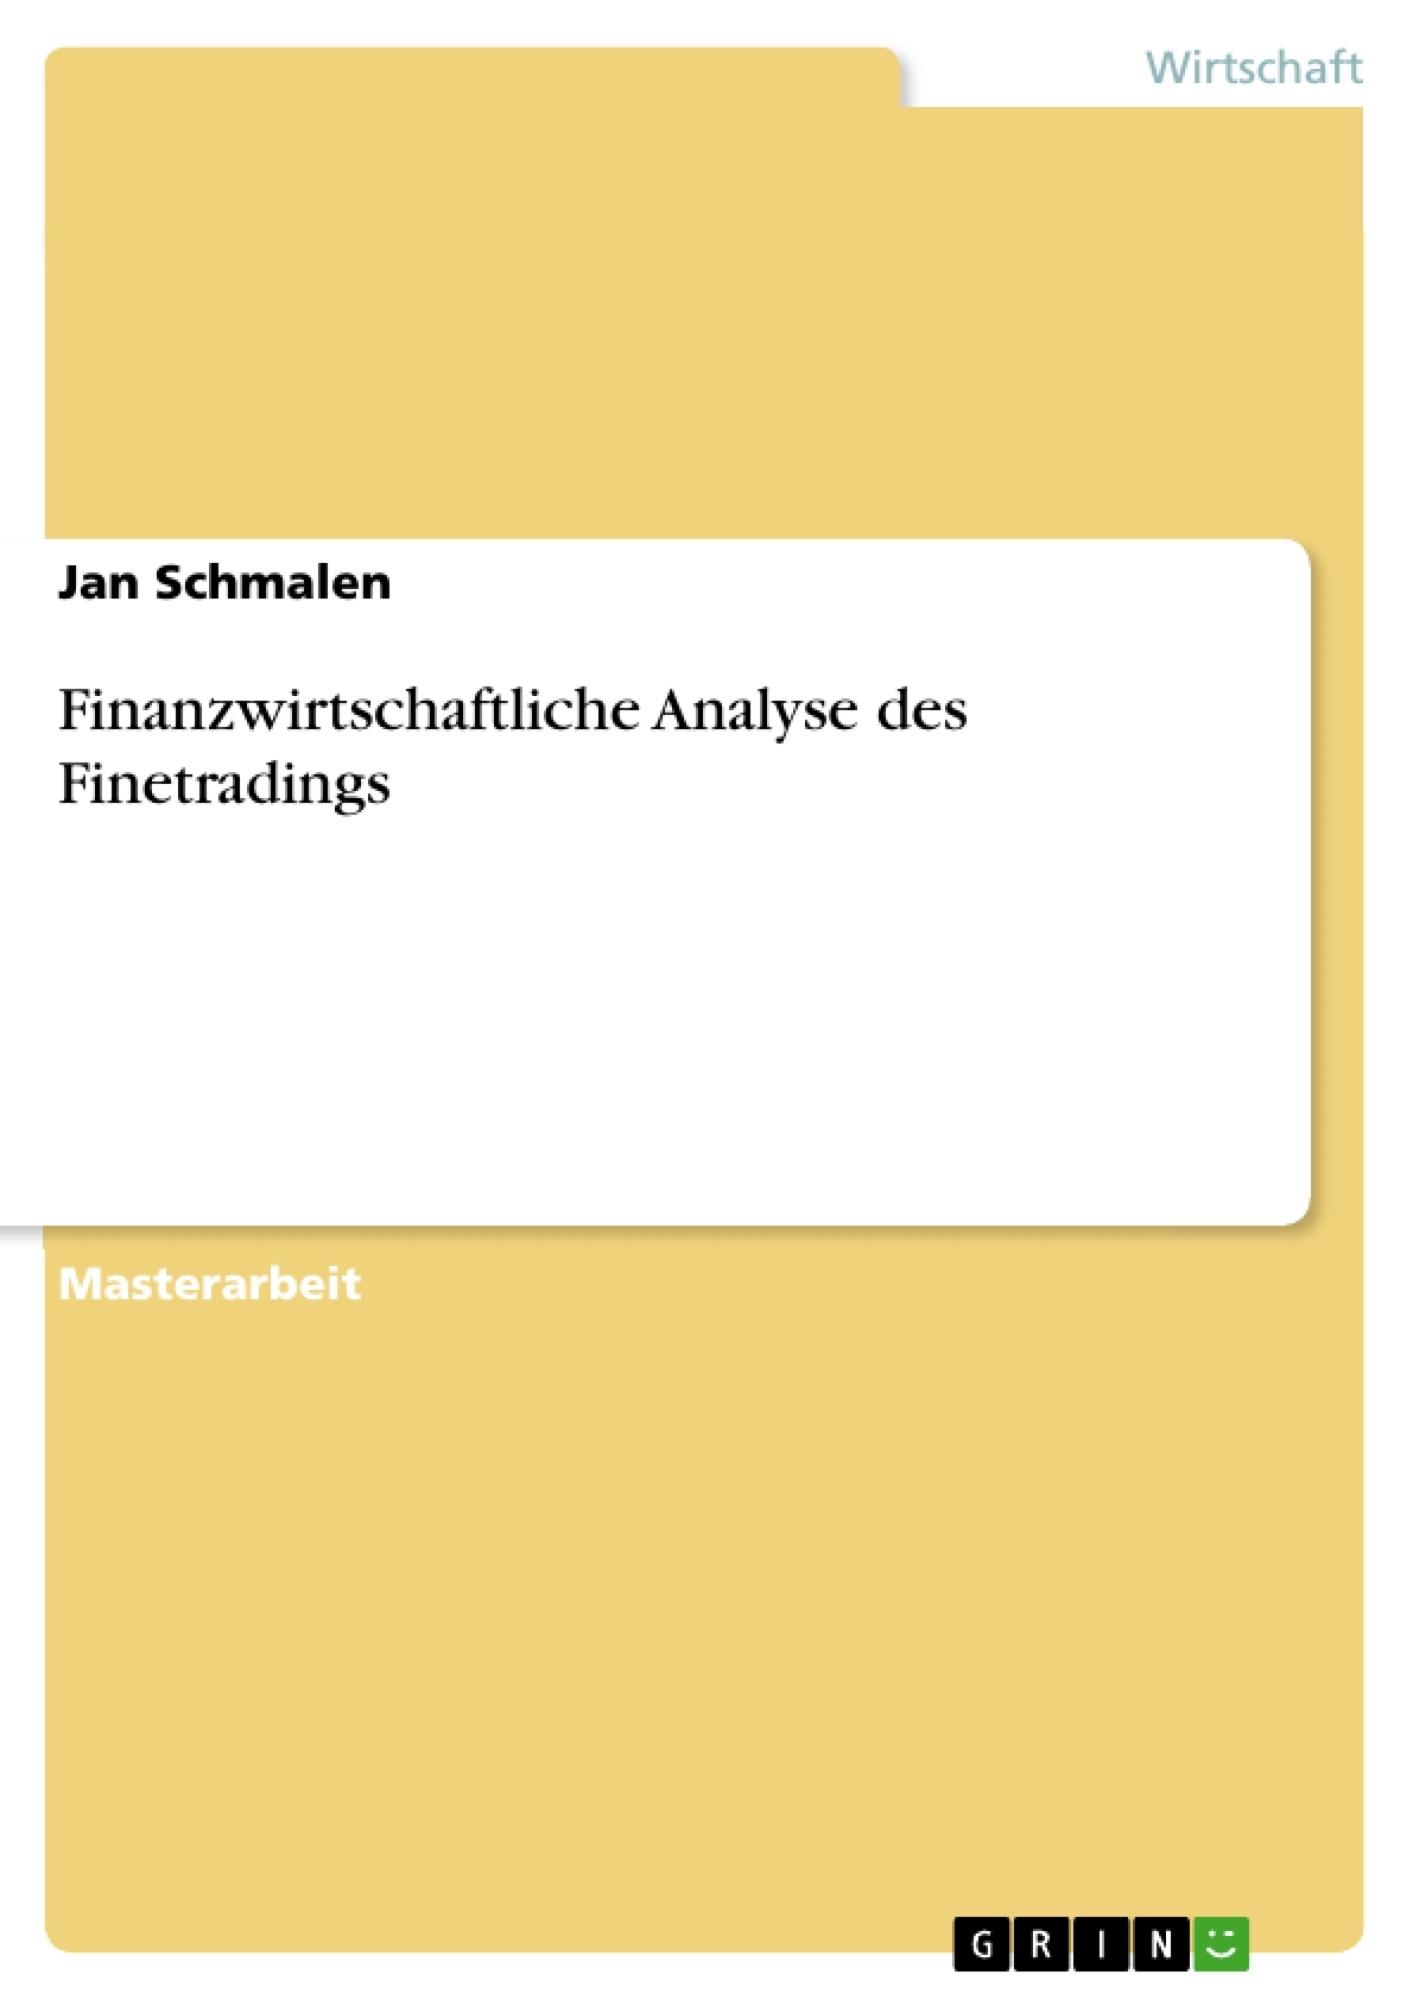 Titel: Finanzwirtschaftliche Analyse des Finetradings